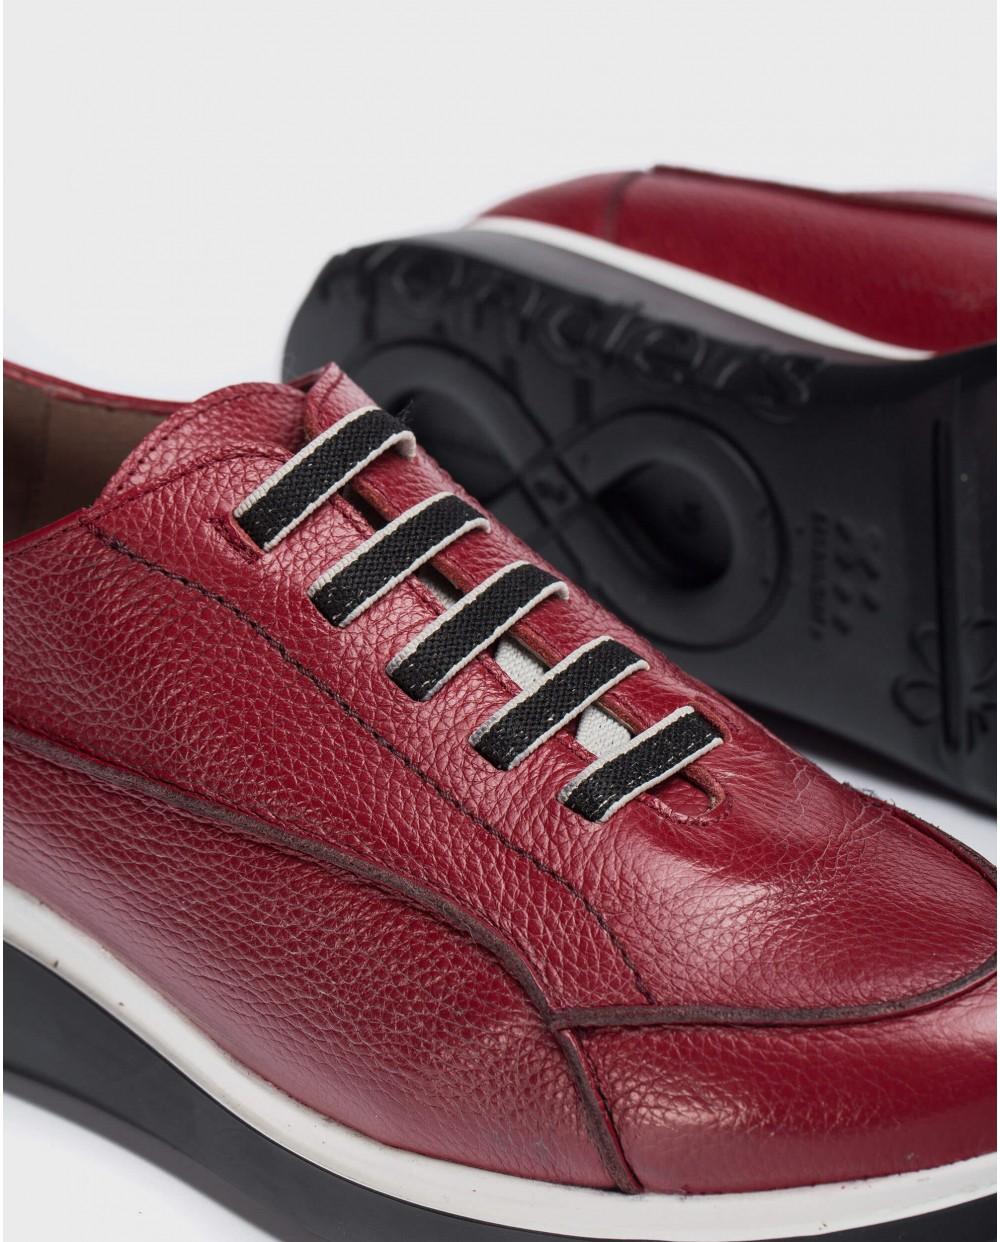 Wonders-Ready to wear-Red Boom Sneaker